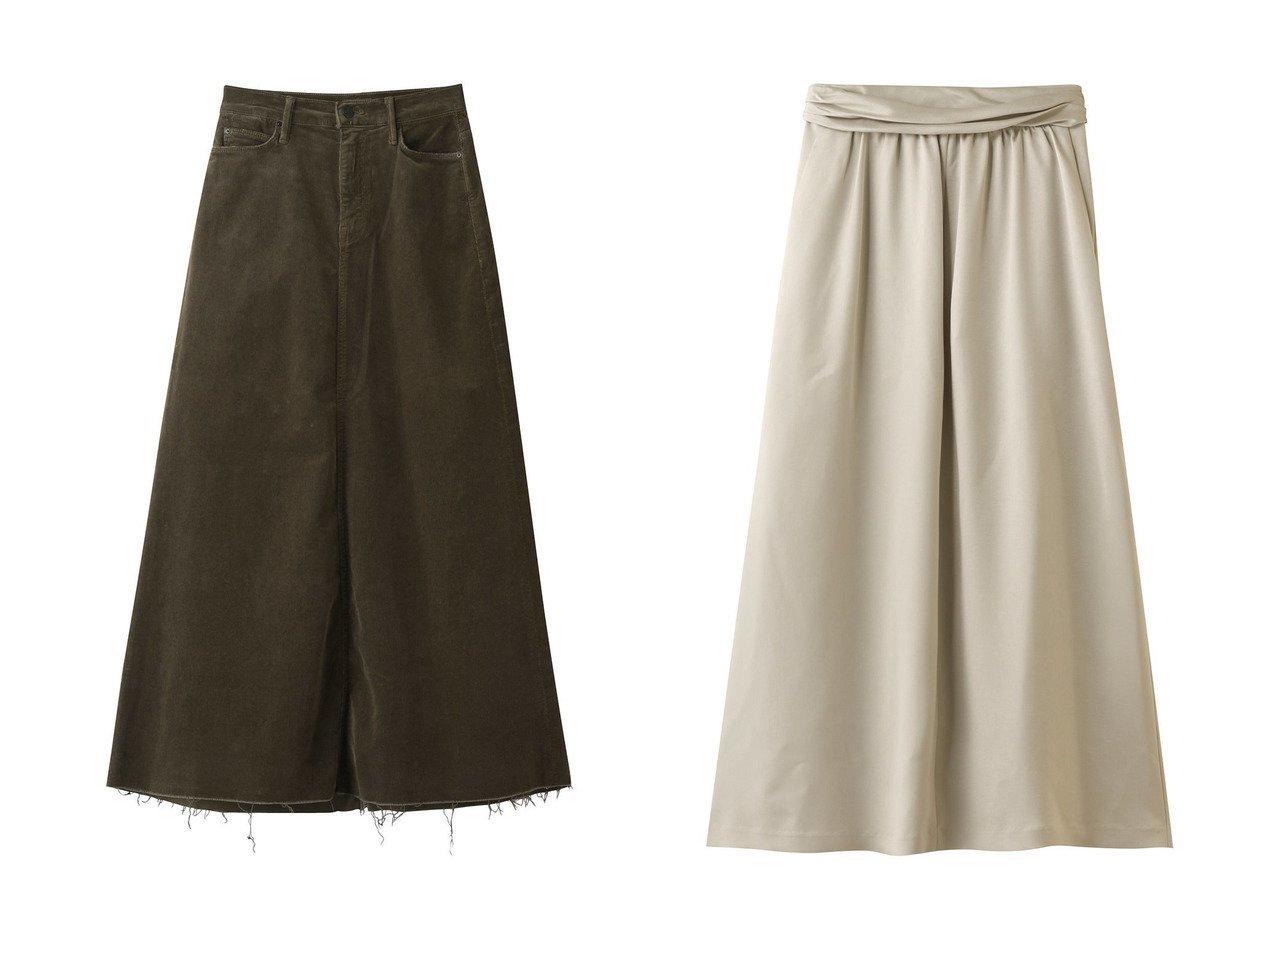 【heliopole/エリオポール】のスカート&【MOTHER/マザー】の【日本限定】THE CIRCLE MAXI FRAY コーデュロイマキシスカート 【スカート】おすすめ!人気、トレンド・レディースファッションの通販   おすすめで人気の流行・トレンド、ファッションの通販商品 インテリア・家具・メンズファッション・キッズファッション・レディースファッション・服の通販 founy(ファニー) https://founy.com/ ファッション Fashion レディースファッション WOMEN スカート Skirt ロングスカート Long Skirt 2020年 2020 2020-2021秋冬・A/W AW・Autumn/Winter・FW・Fall-Winter/2020-2021 2021年 2021 2021-2022秋冬・A/W AW・Autumn/Winter・FW・Fall-Winter・2021-2022 A/W・秋冬 AW・Autumn/Winter・FW・Fall-Winter なめらか サテン ロング コーデュロイ マキシ 人気 |ID:crp329100000066092